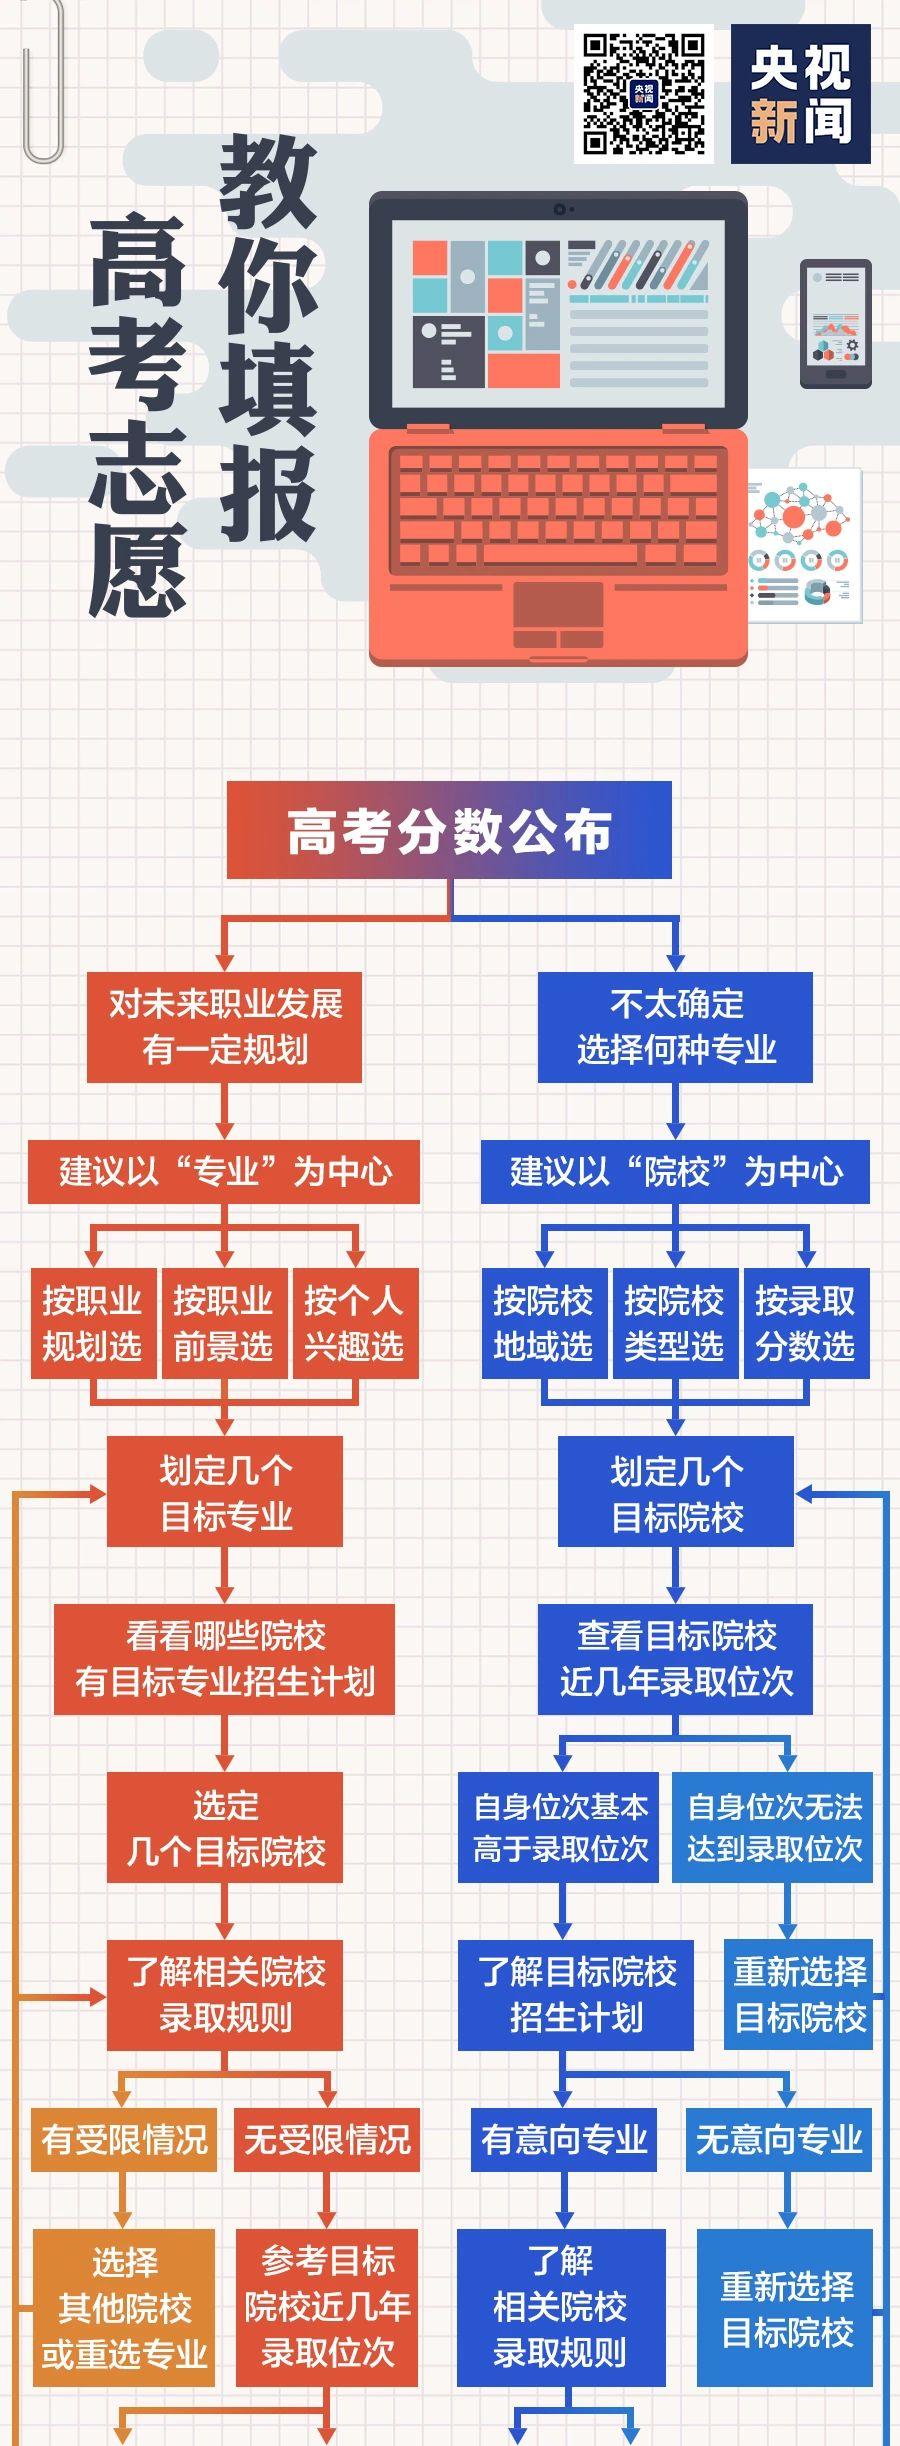 高考志愿如何填报,一张图说清了→